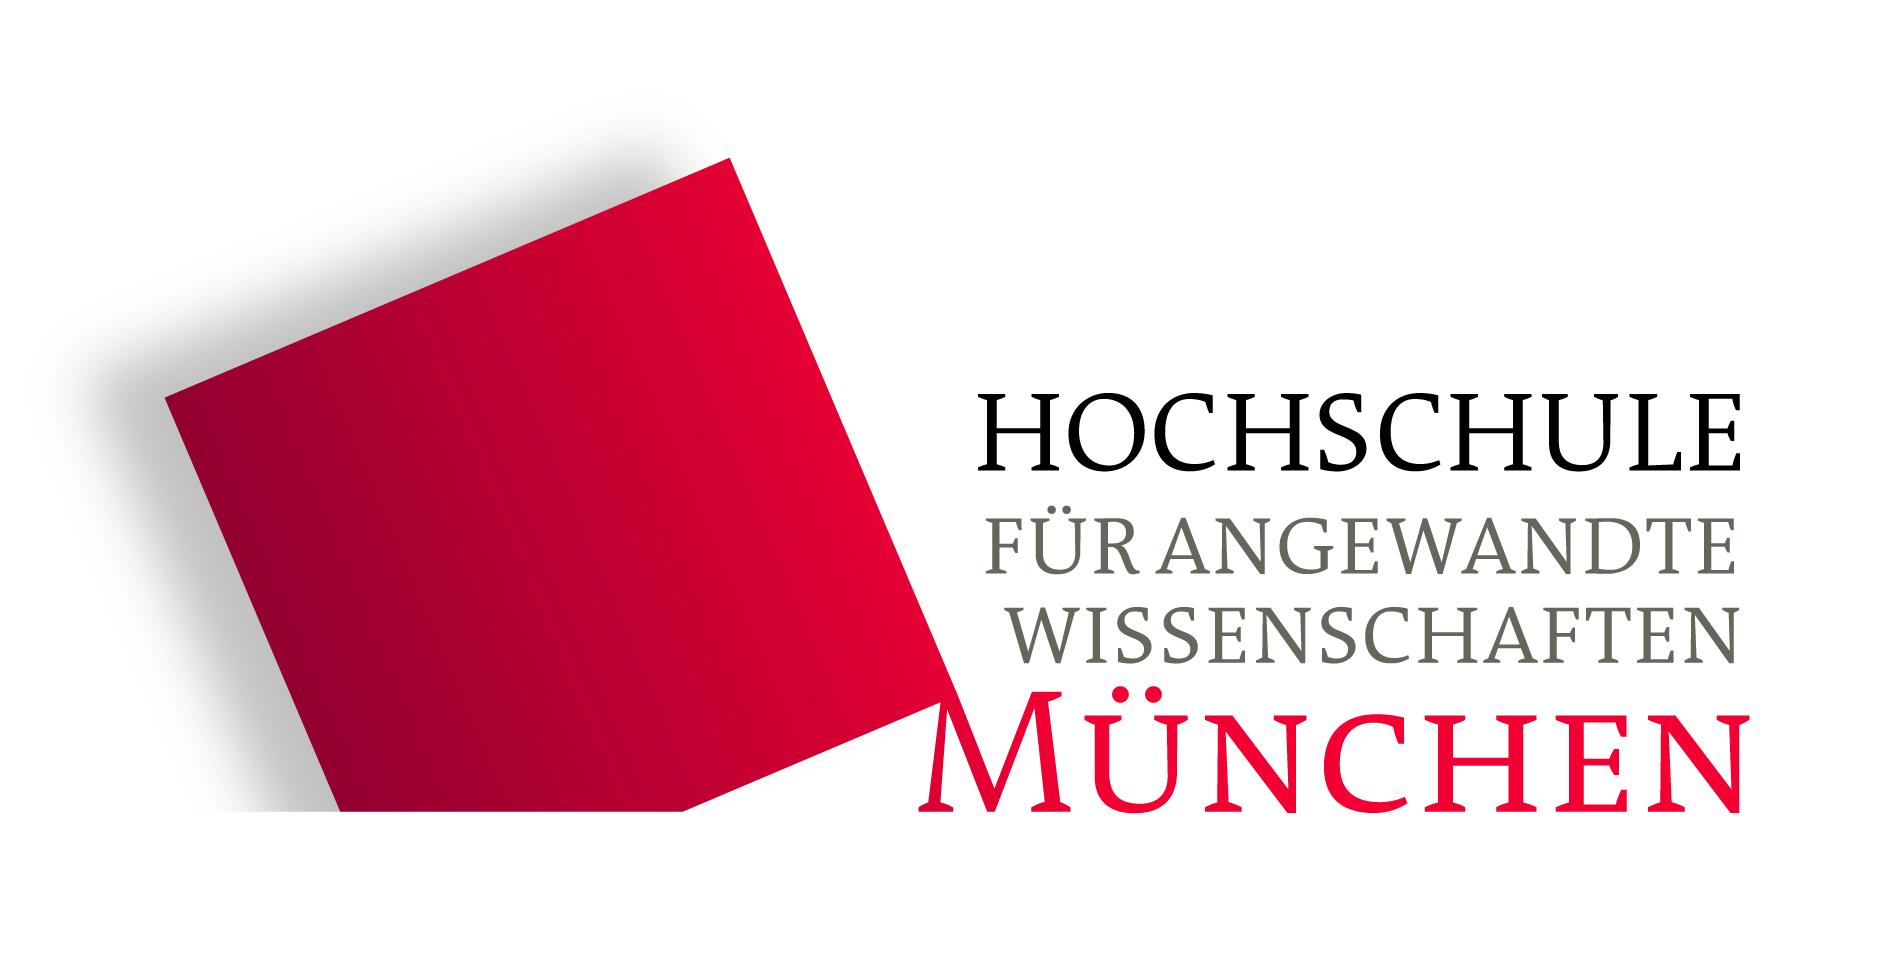 hochschule mnchen logojpg - Hochschule Mnchen Bewerbung